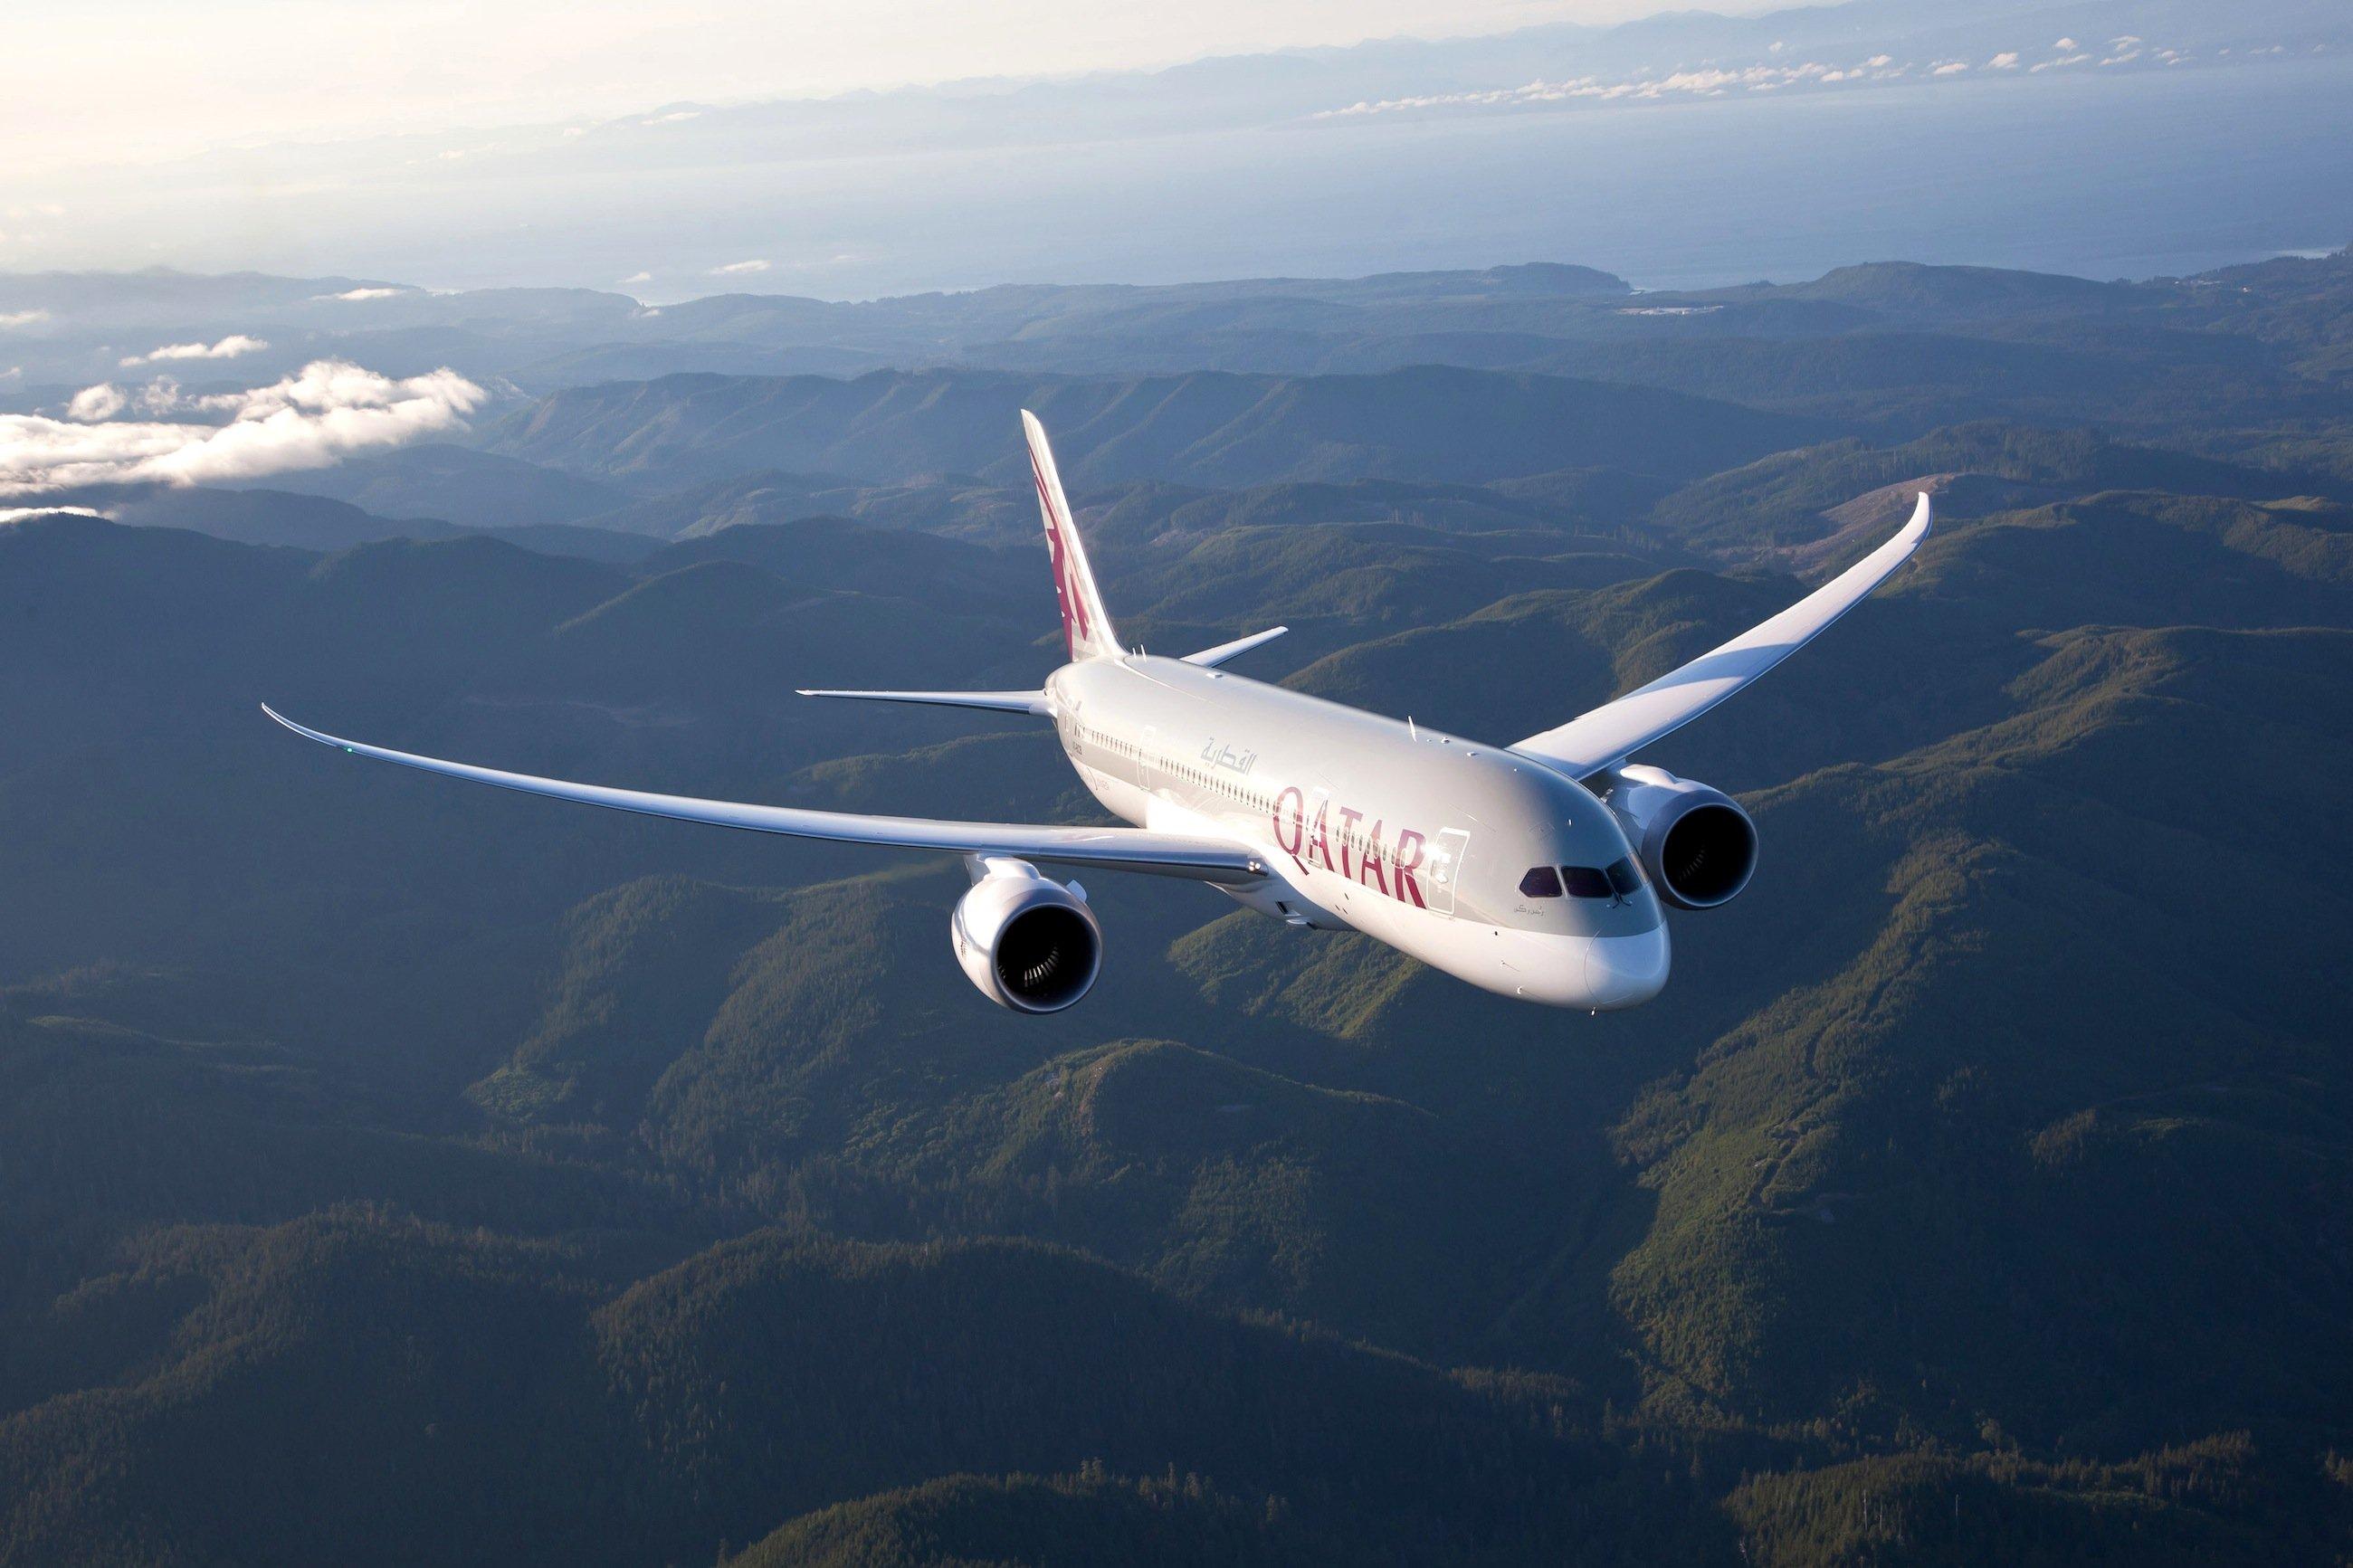 Der Dreamliner ist bei den Fluggesellschaften beliebt, auch wegen seiner Wirtschaftlichkeit. 847 Bestellungen hat Boeing noch in seinen Auftragsbüchern verzeichnet.